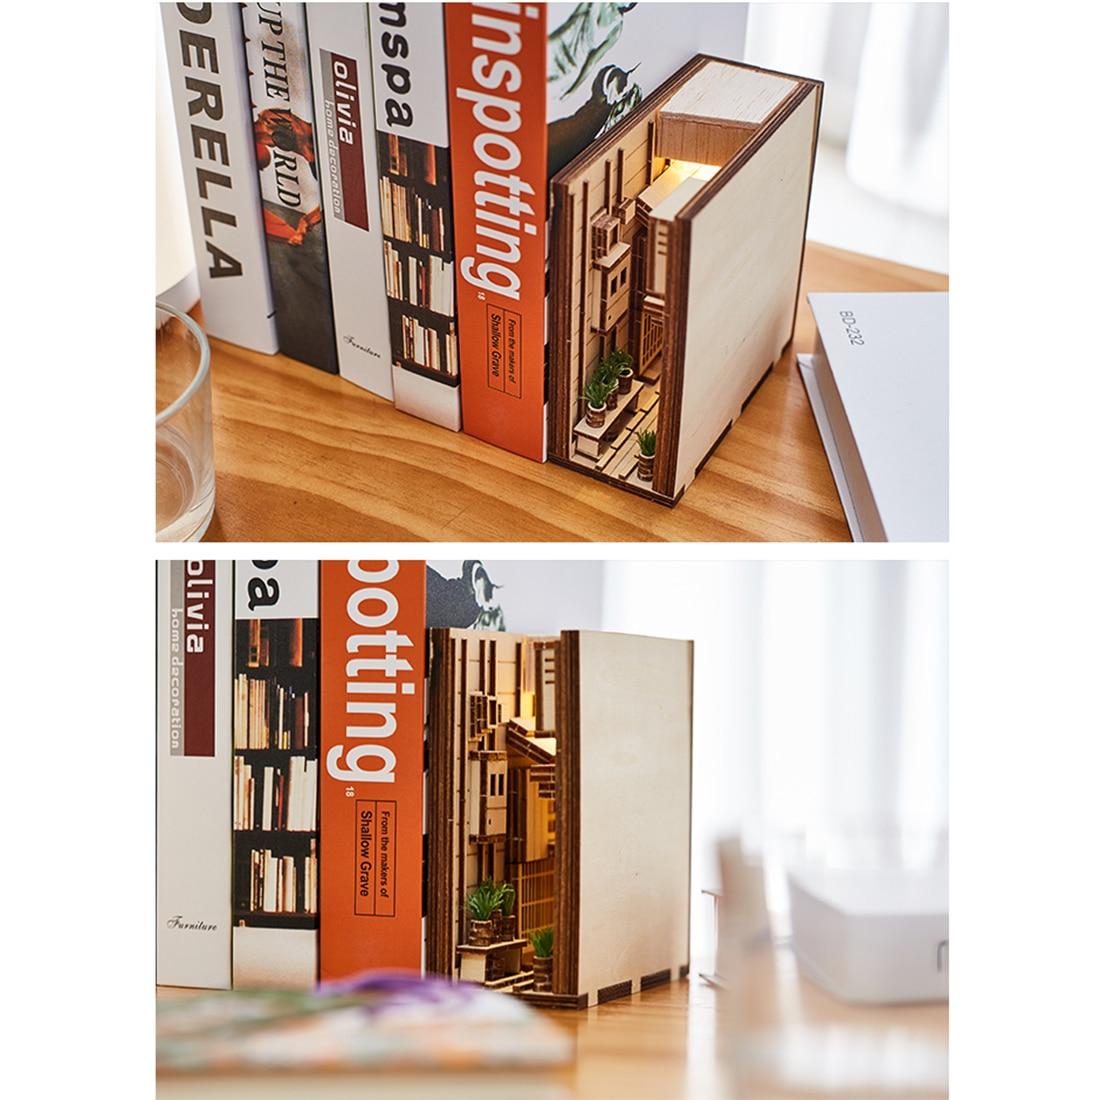 H36e77e13566f405c8c693d313908800aw - Robotime - DIY Models, DIY Miniature Houses, 3d Wooden Puzzle